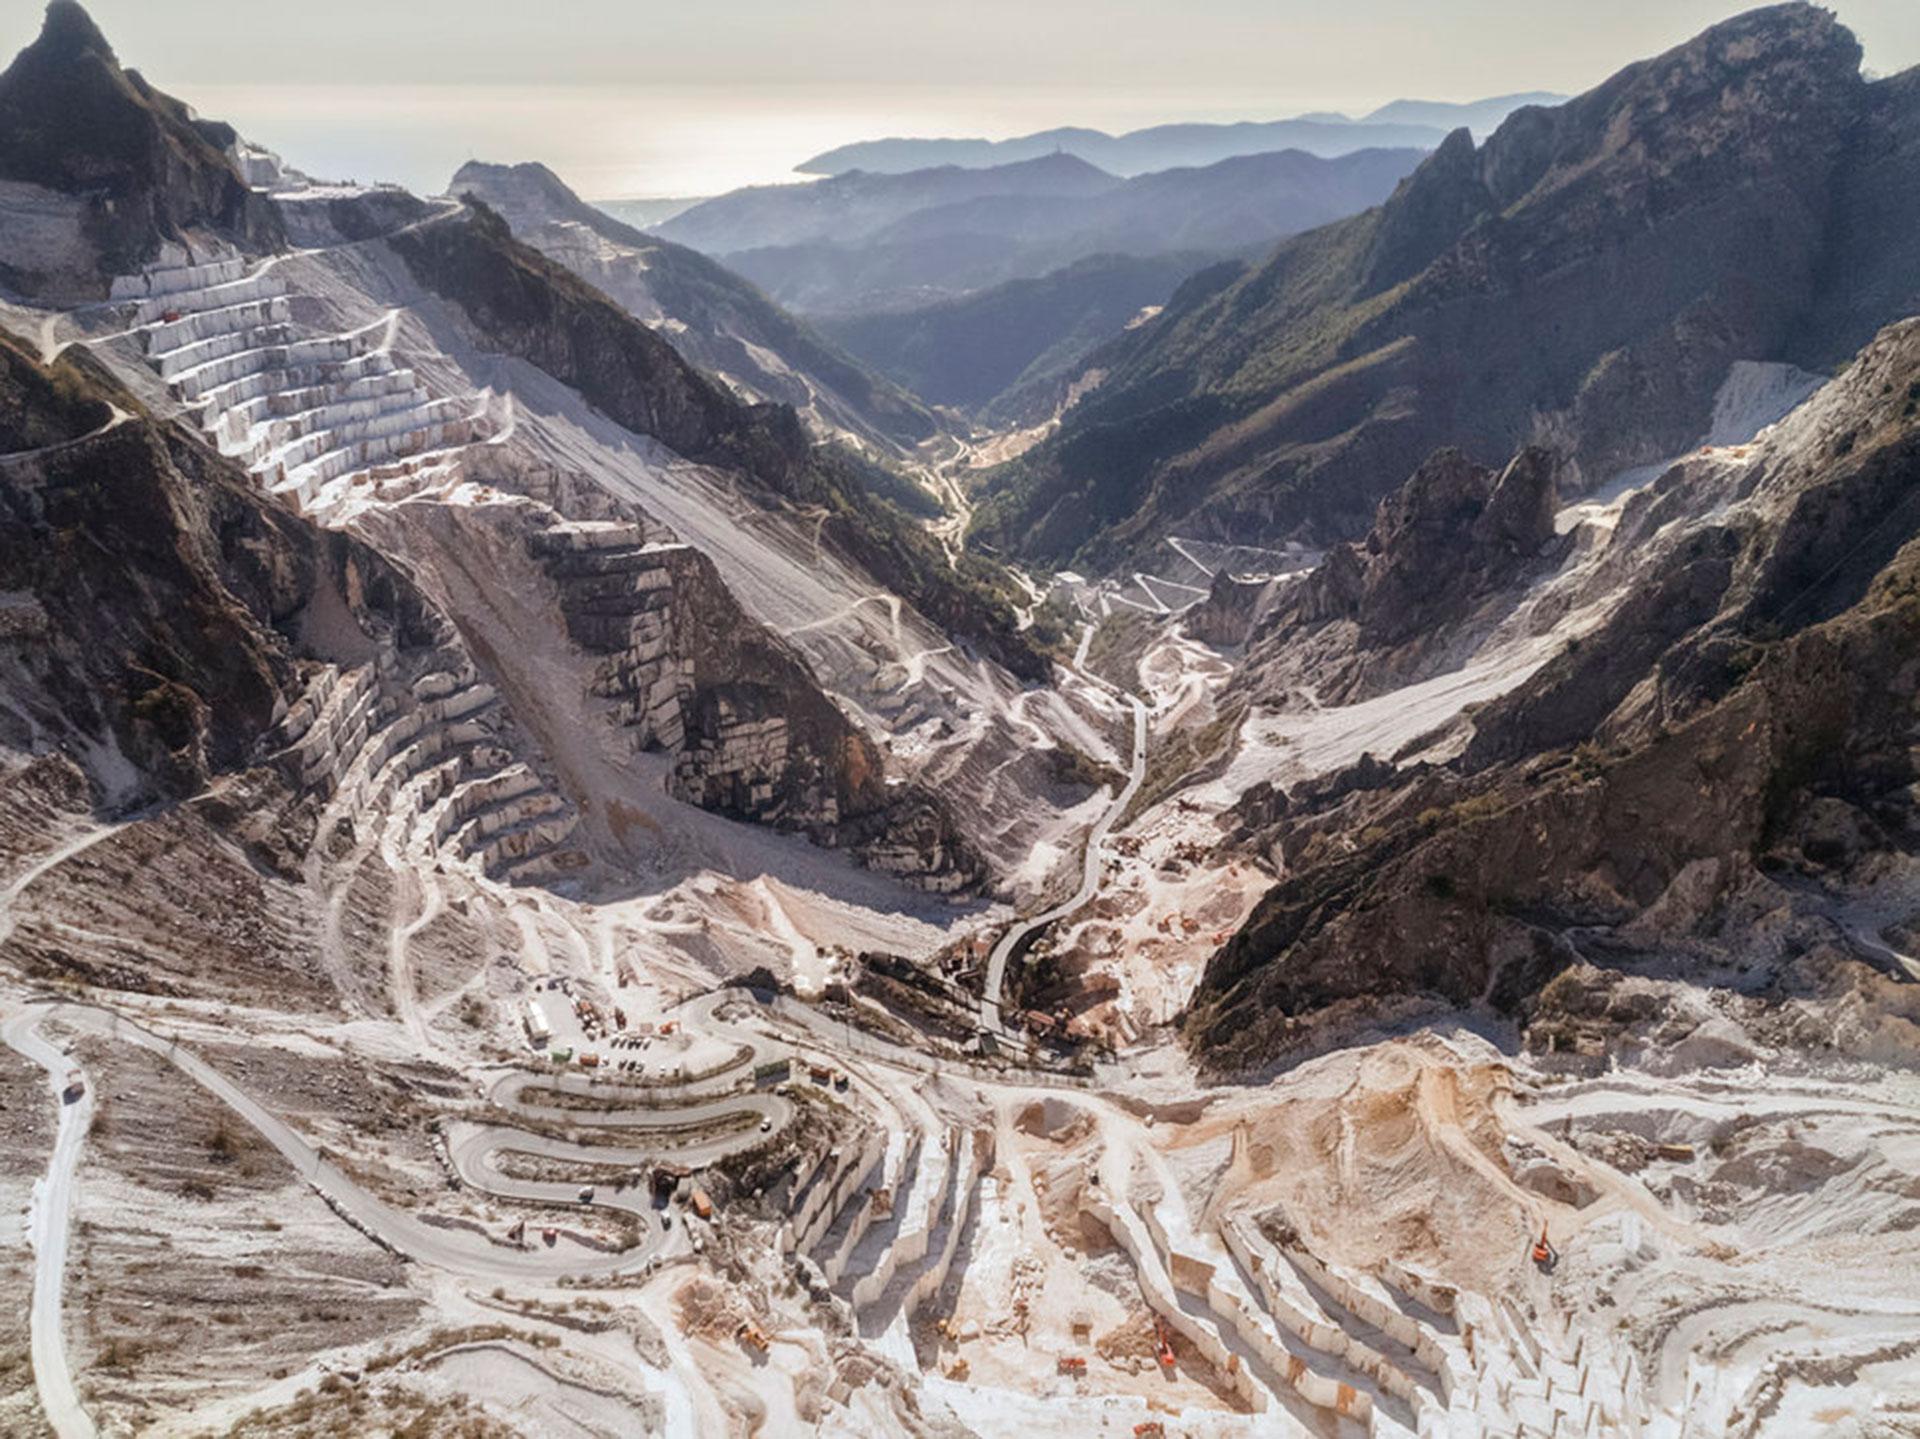 """Competencia """"Profesional"""" – Categoría """"Paisajes"""": Una vista del """"valle de mármol"""" de Torano en los Alpes Apuanos, una de las zonas más ricas en mármol de Italia. (Gentileza Sony World Photography Awards)"""